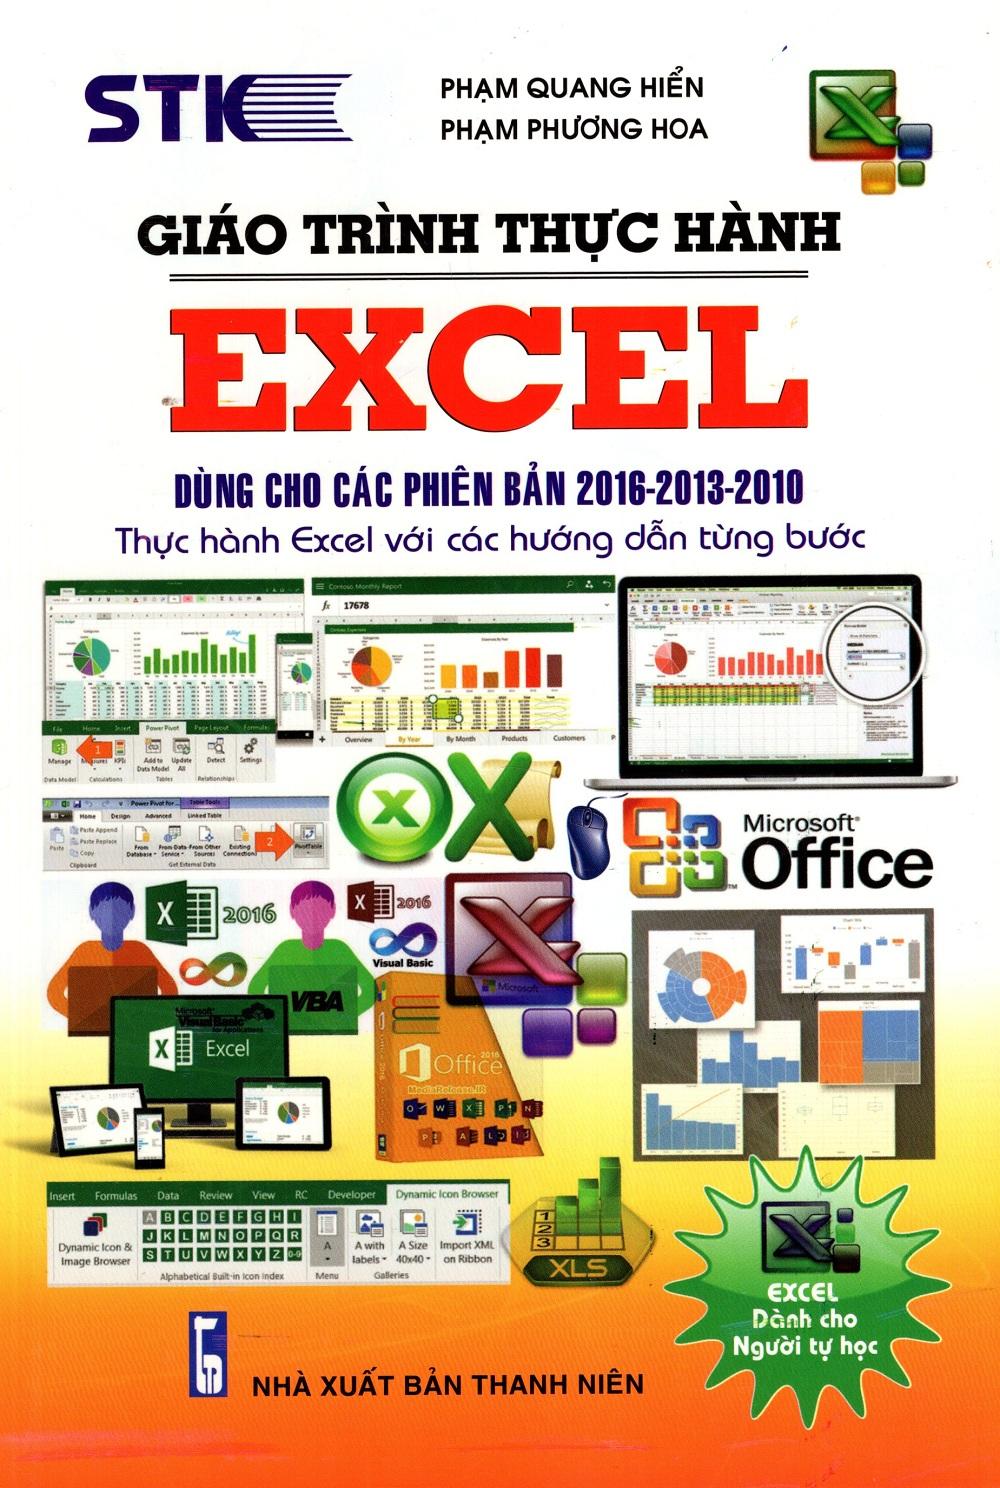 Bìa sách Giáo Trình Thực Hành Excel Dùng Cho Các Phiên Bản 2016 - 2013 - 2010